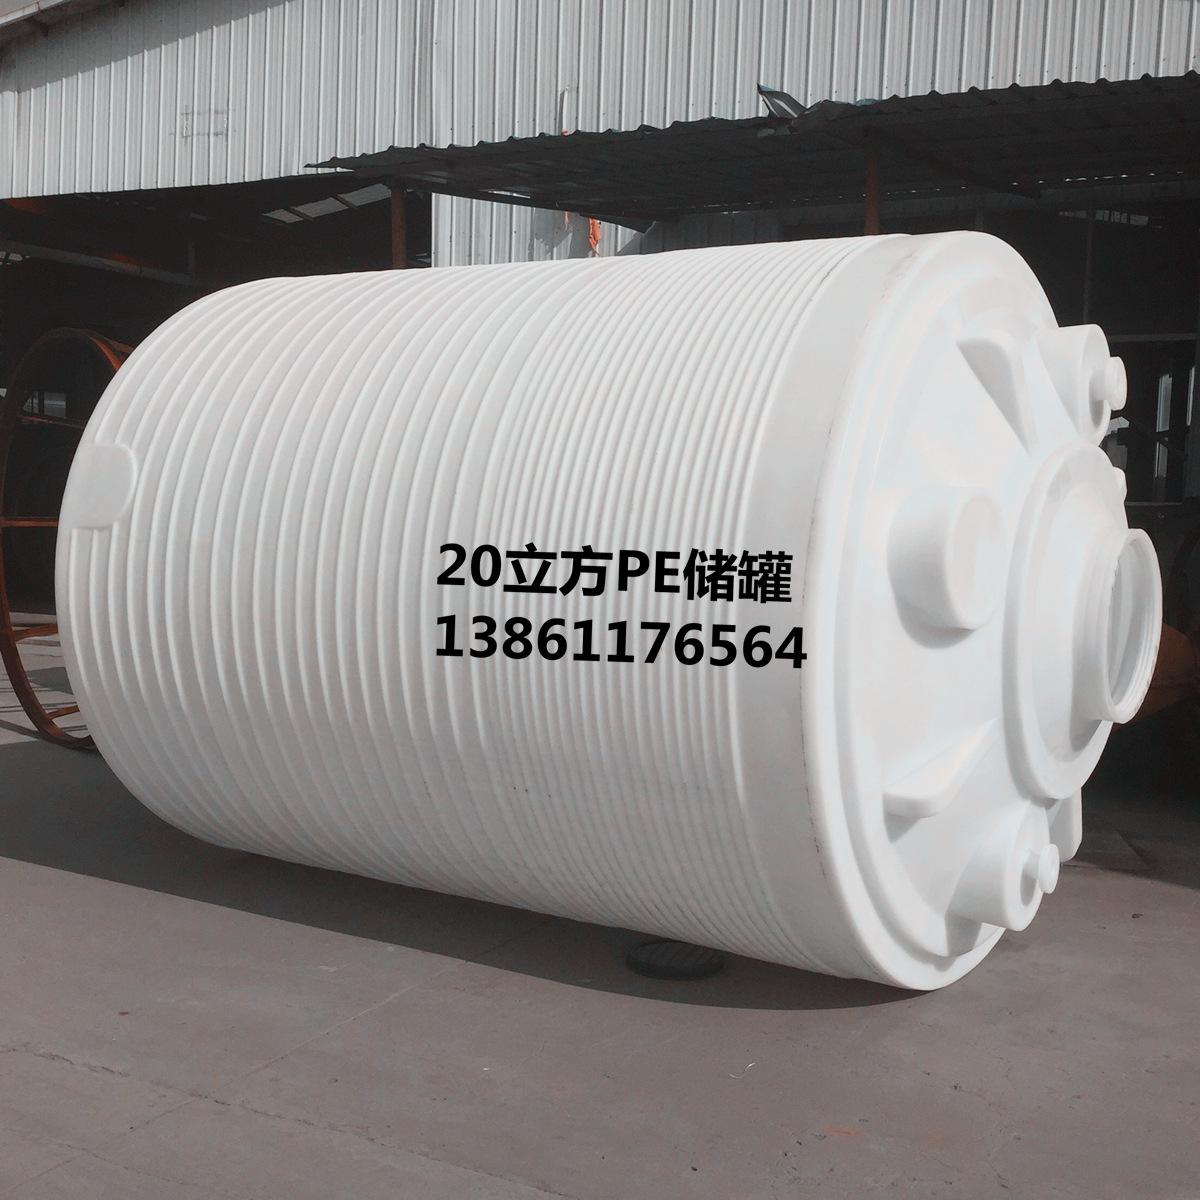 塑料储罐_20吨塑料桶 立方pe塑料